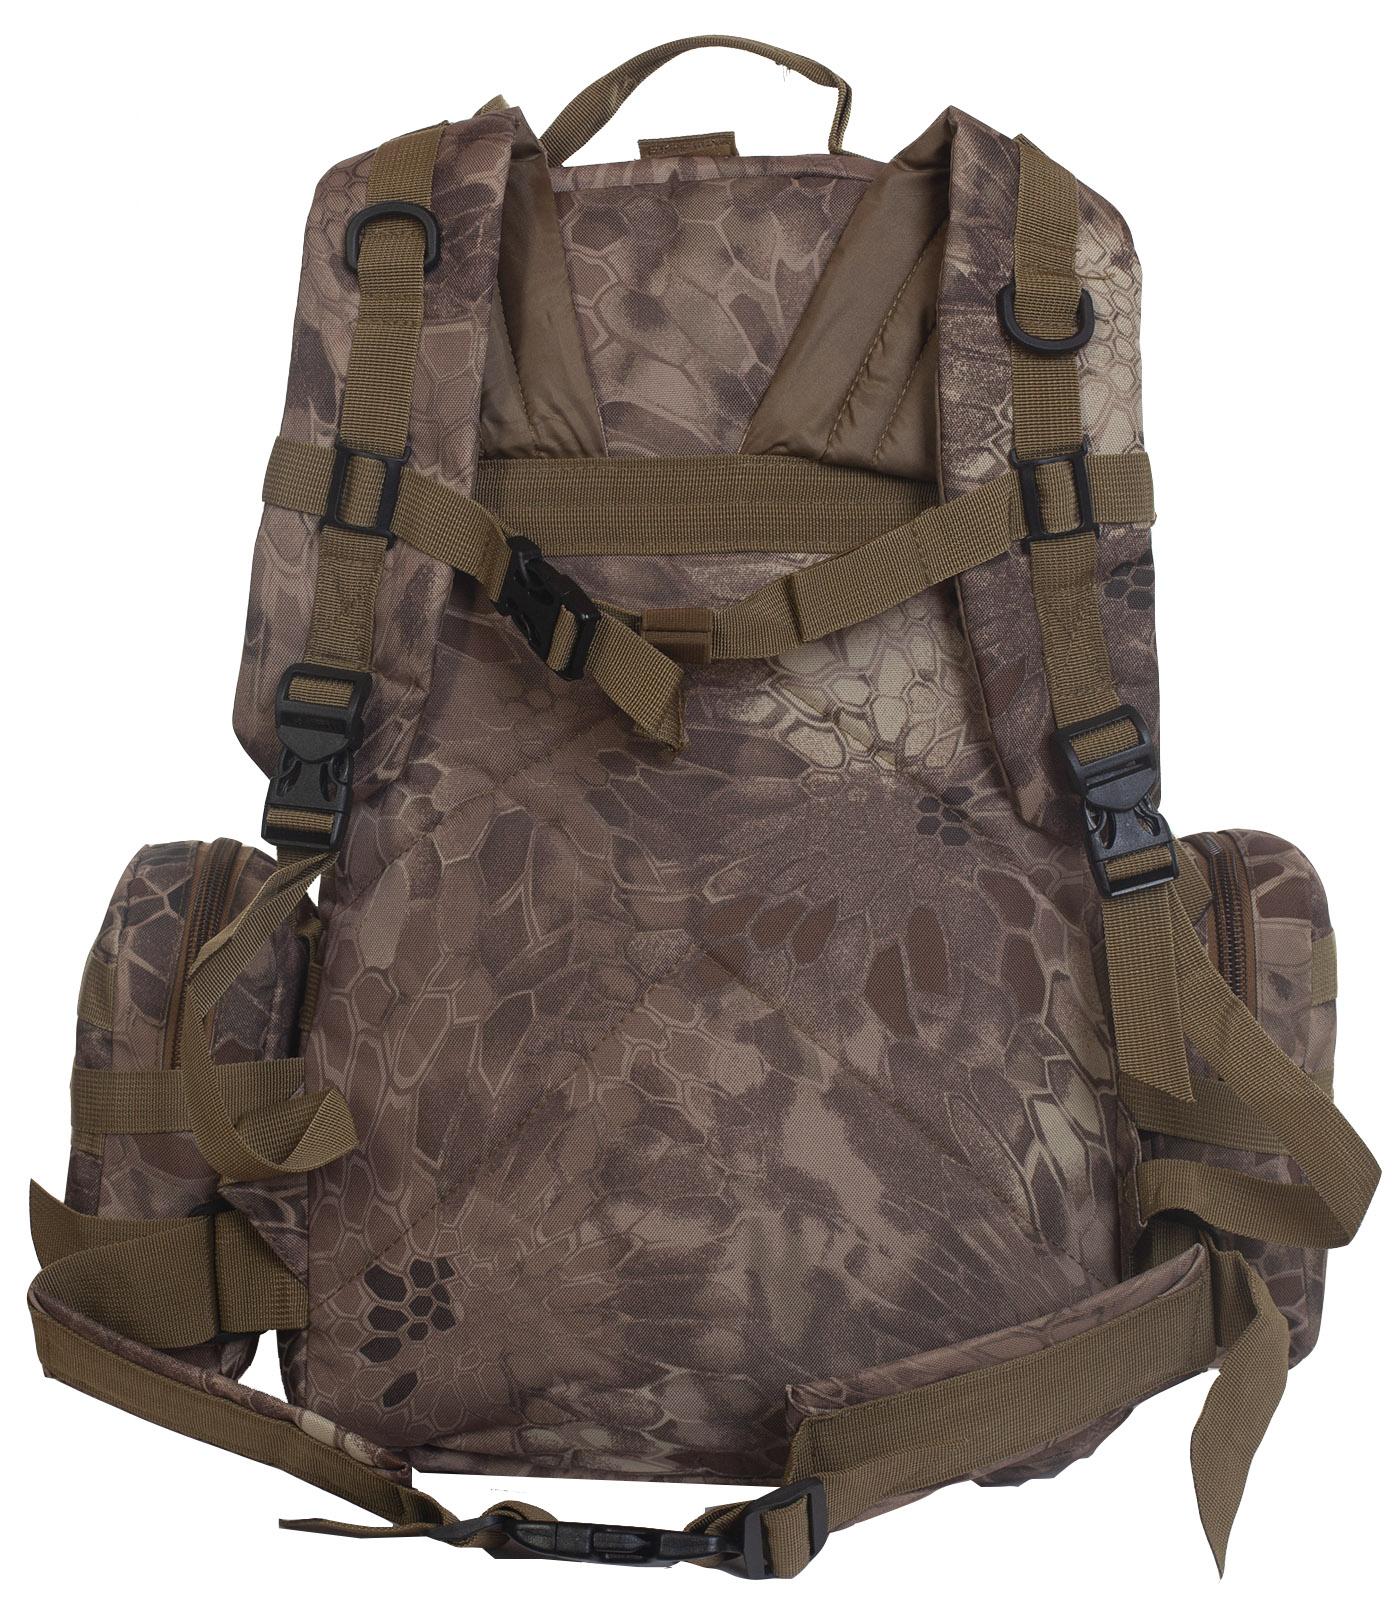 Большой армейский тактический рюкзак камуфляжа Kryptek Nomad недорого